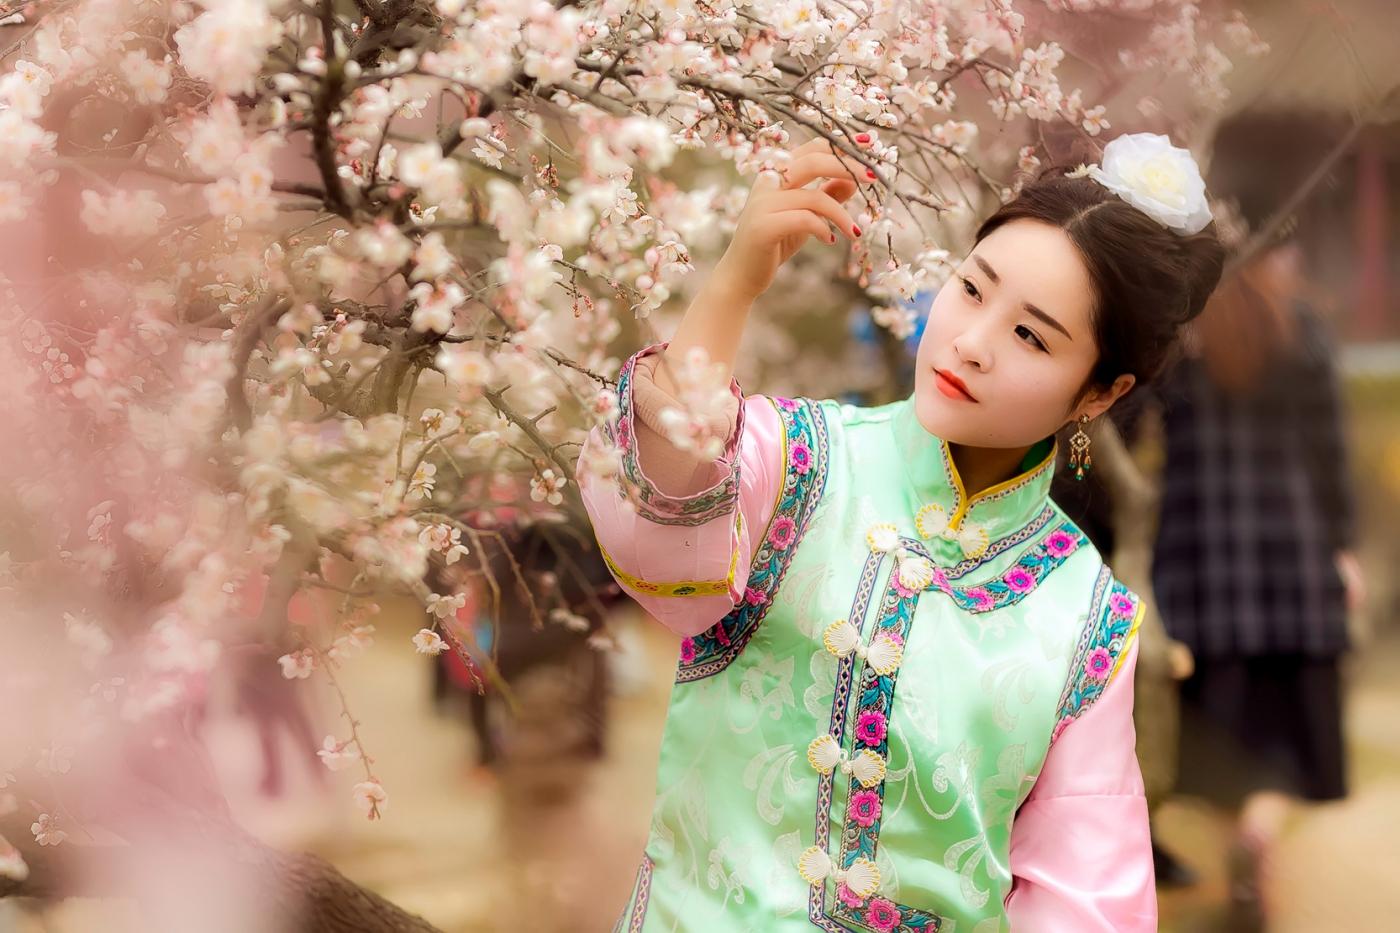 沂水雪山梅园走来一群赏梅踏春的沂蒙女孩 摄影人和女孩们成为梅园一道亮丽的风景线 ..._图1-9